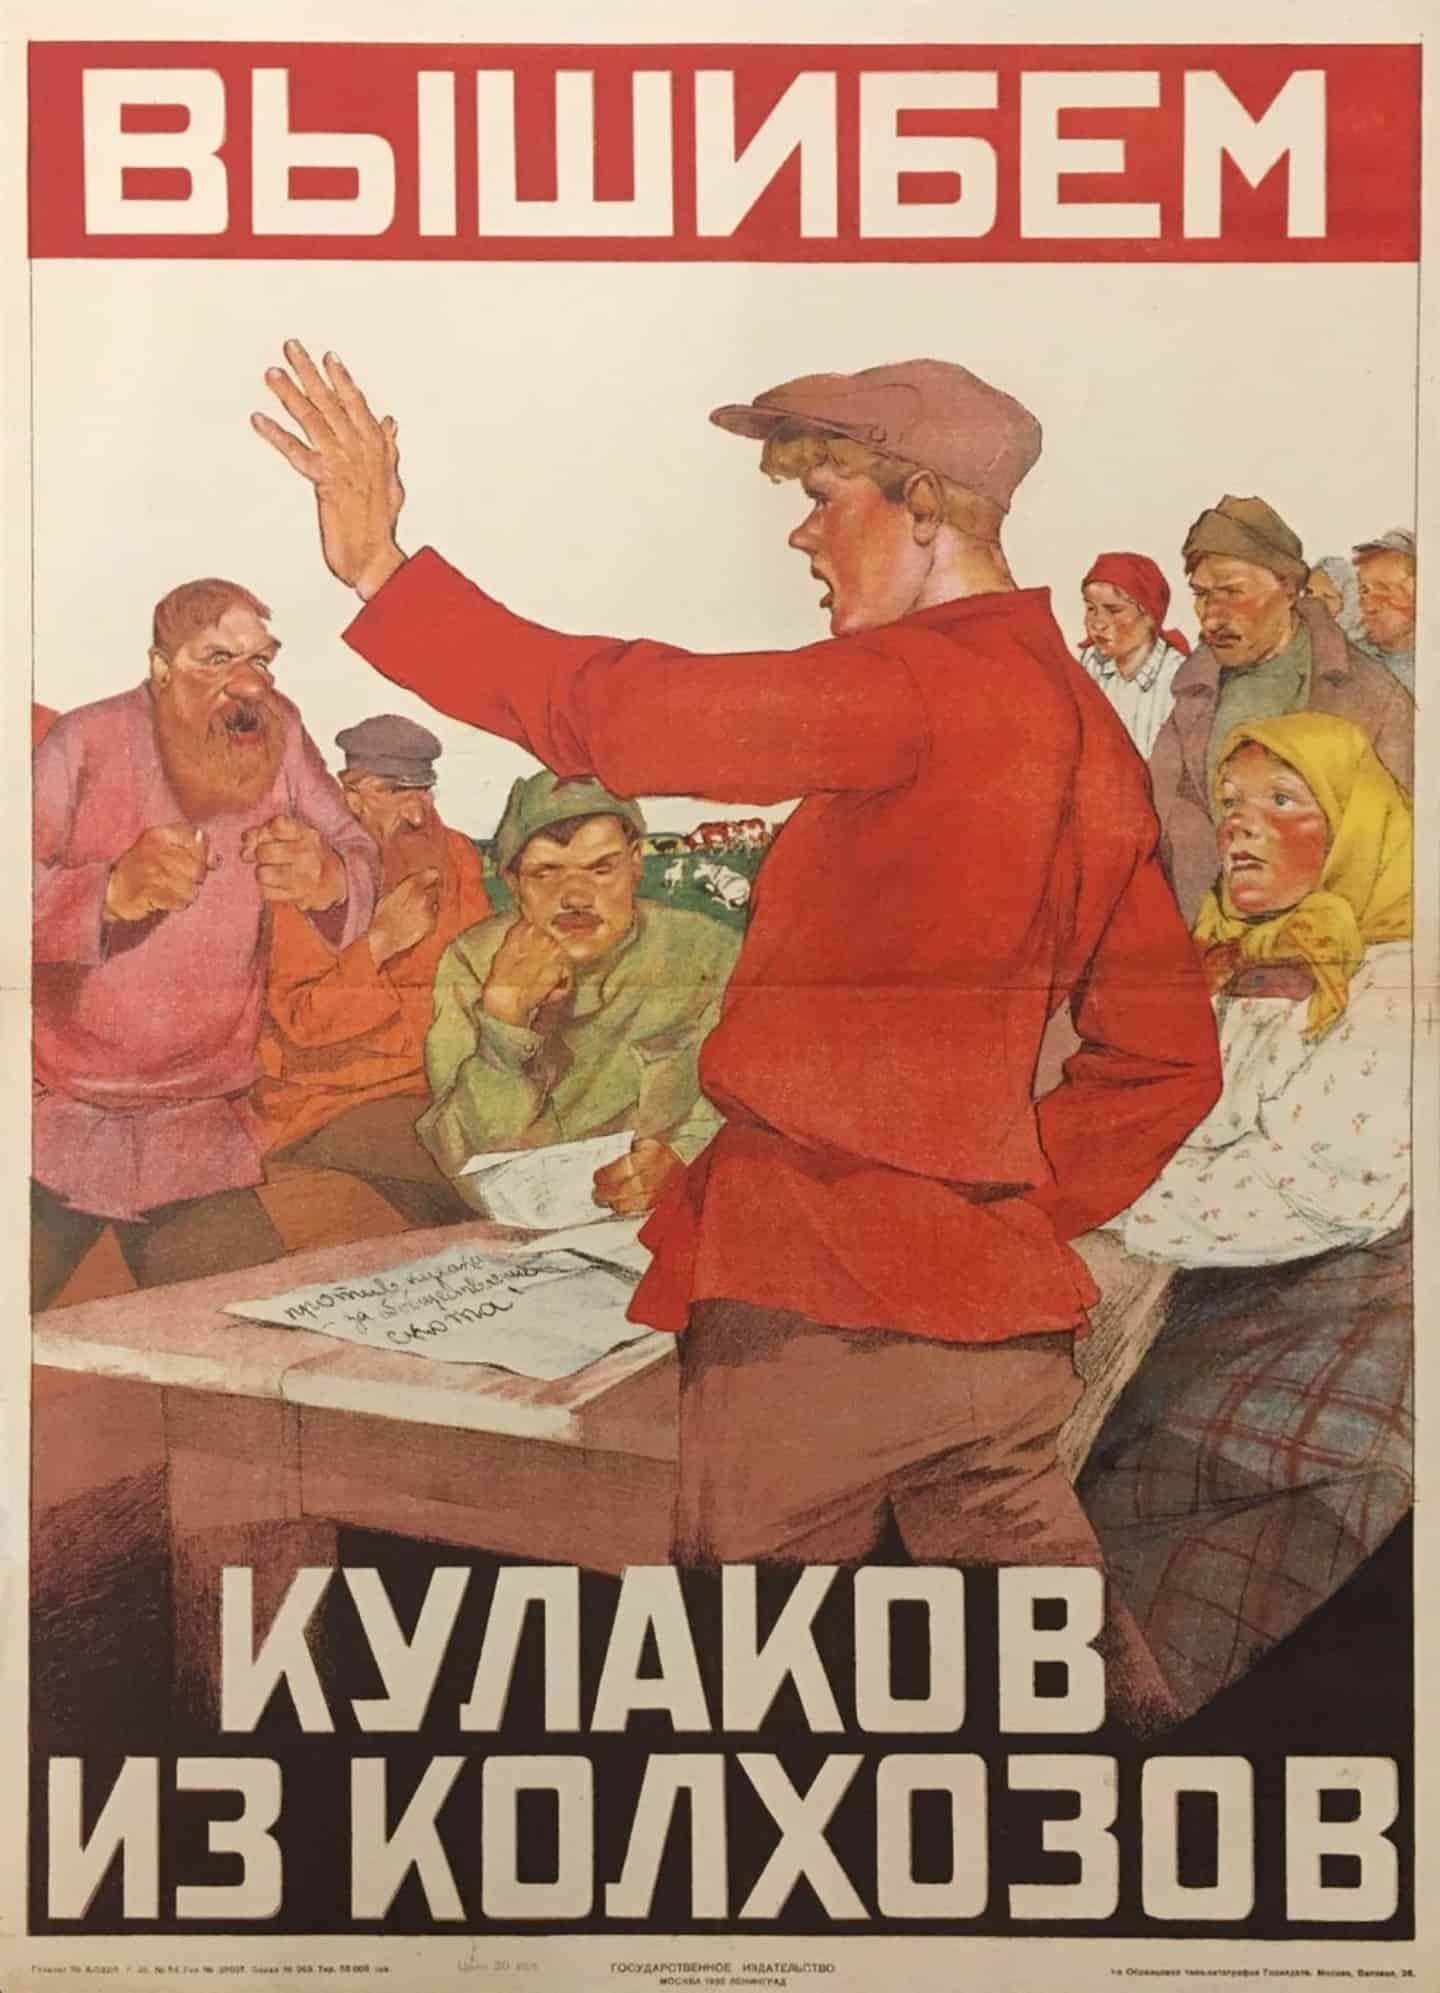 Плакат 1930-го року «Вышибем кулаков из колхозов»